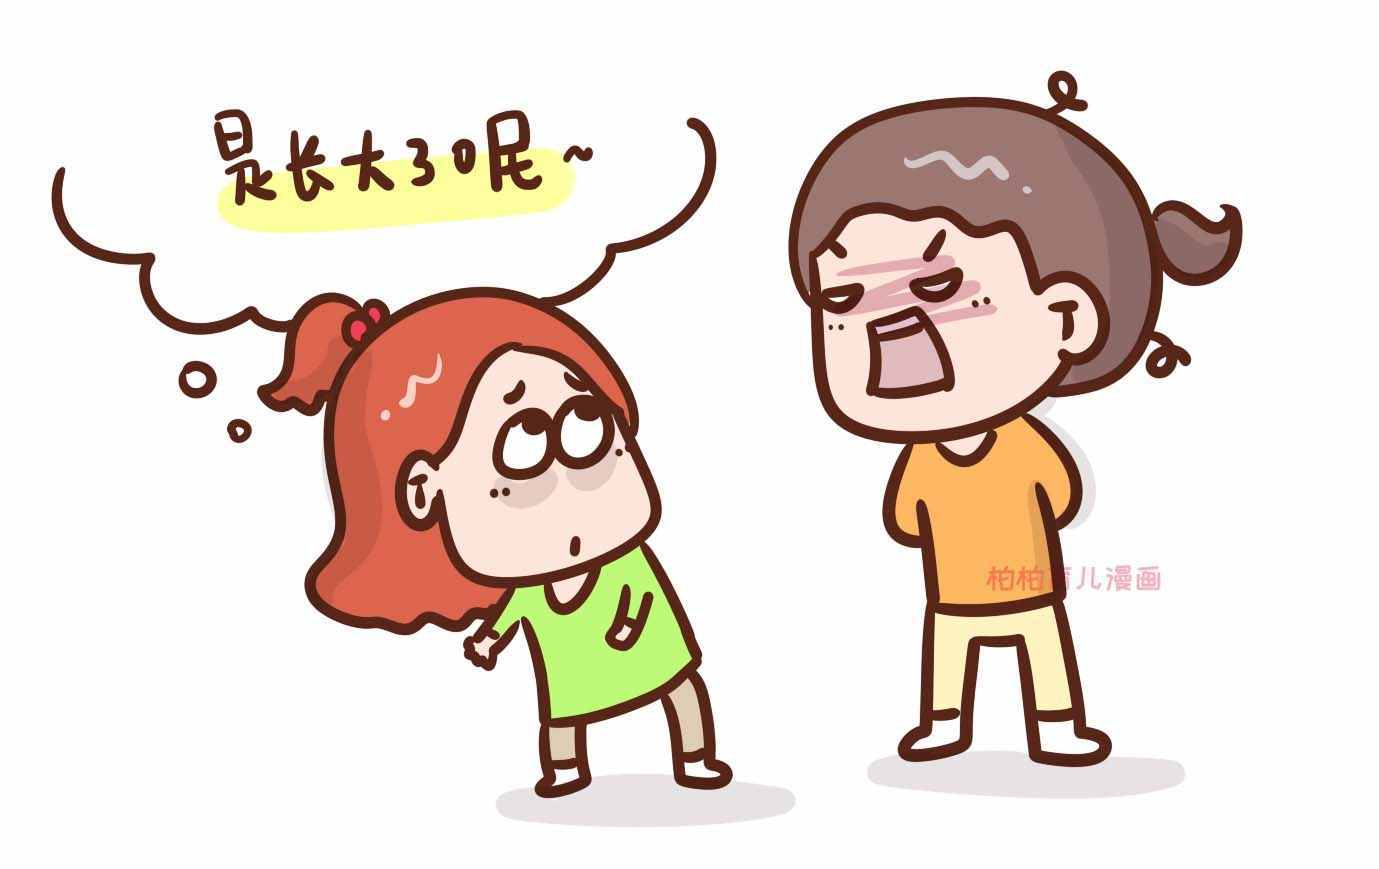 """当你有了兄弟姐妹,就明白了什么是""""爱恨交织"""""""